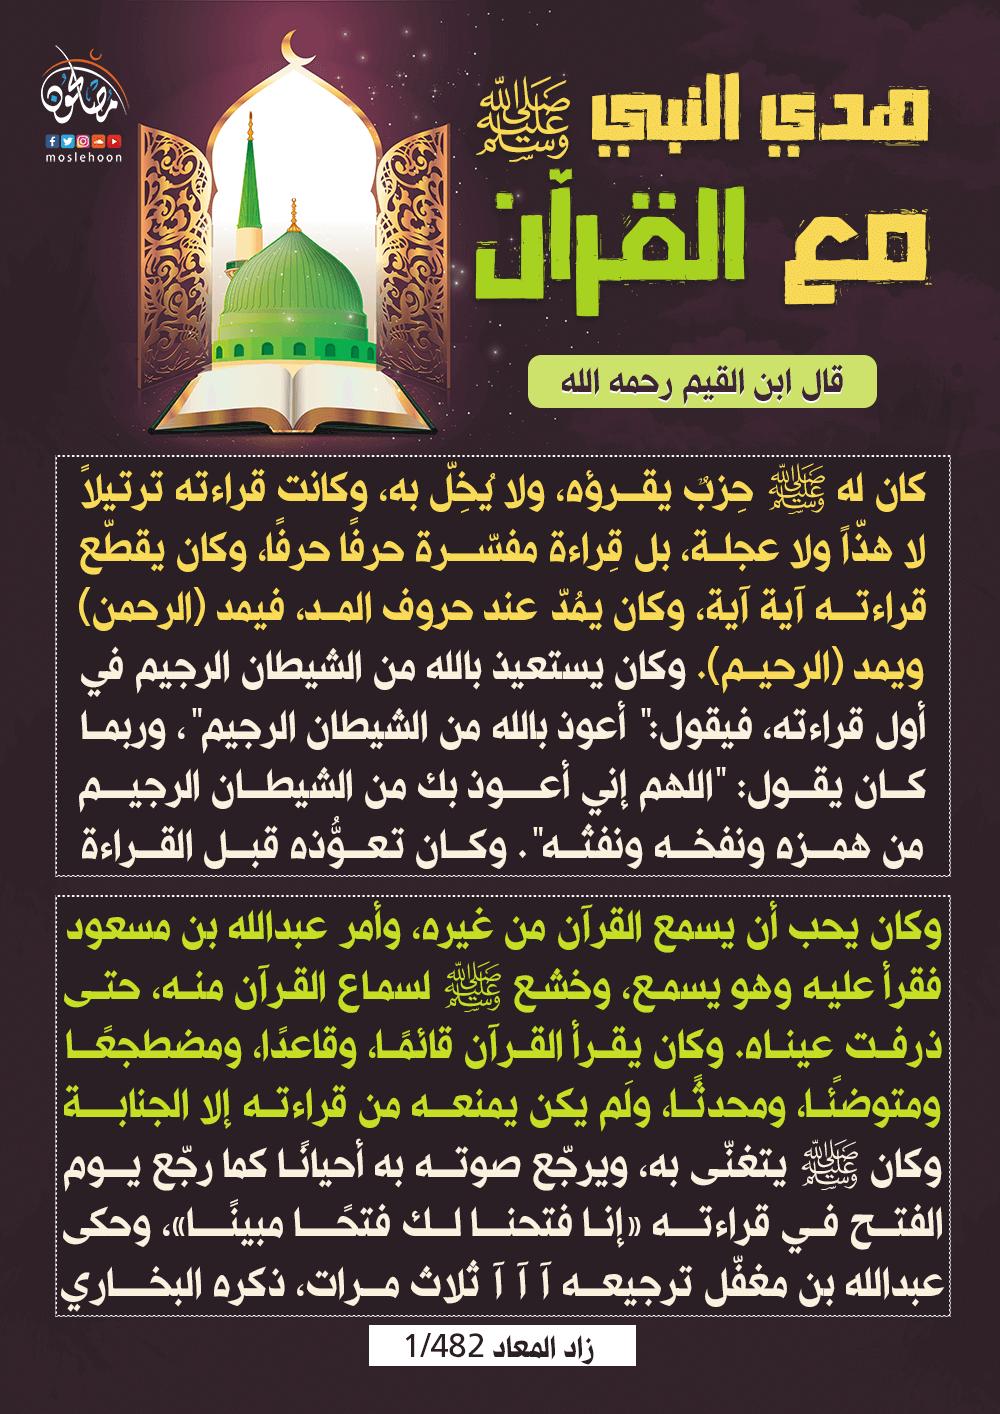 هدي النبي ﷺ مع القرآن